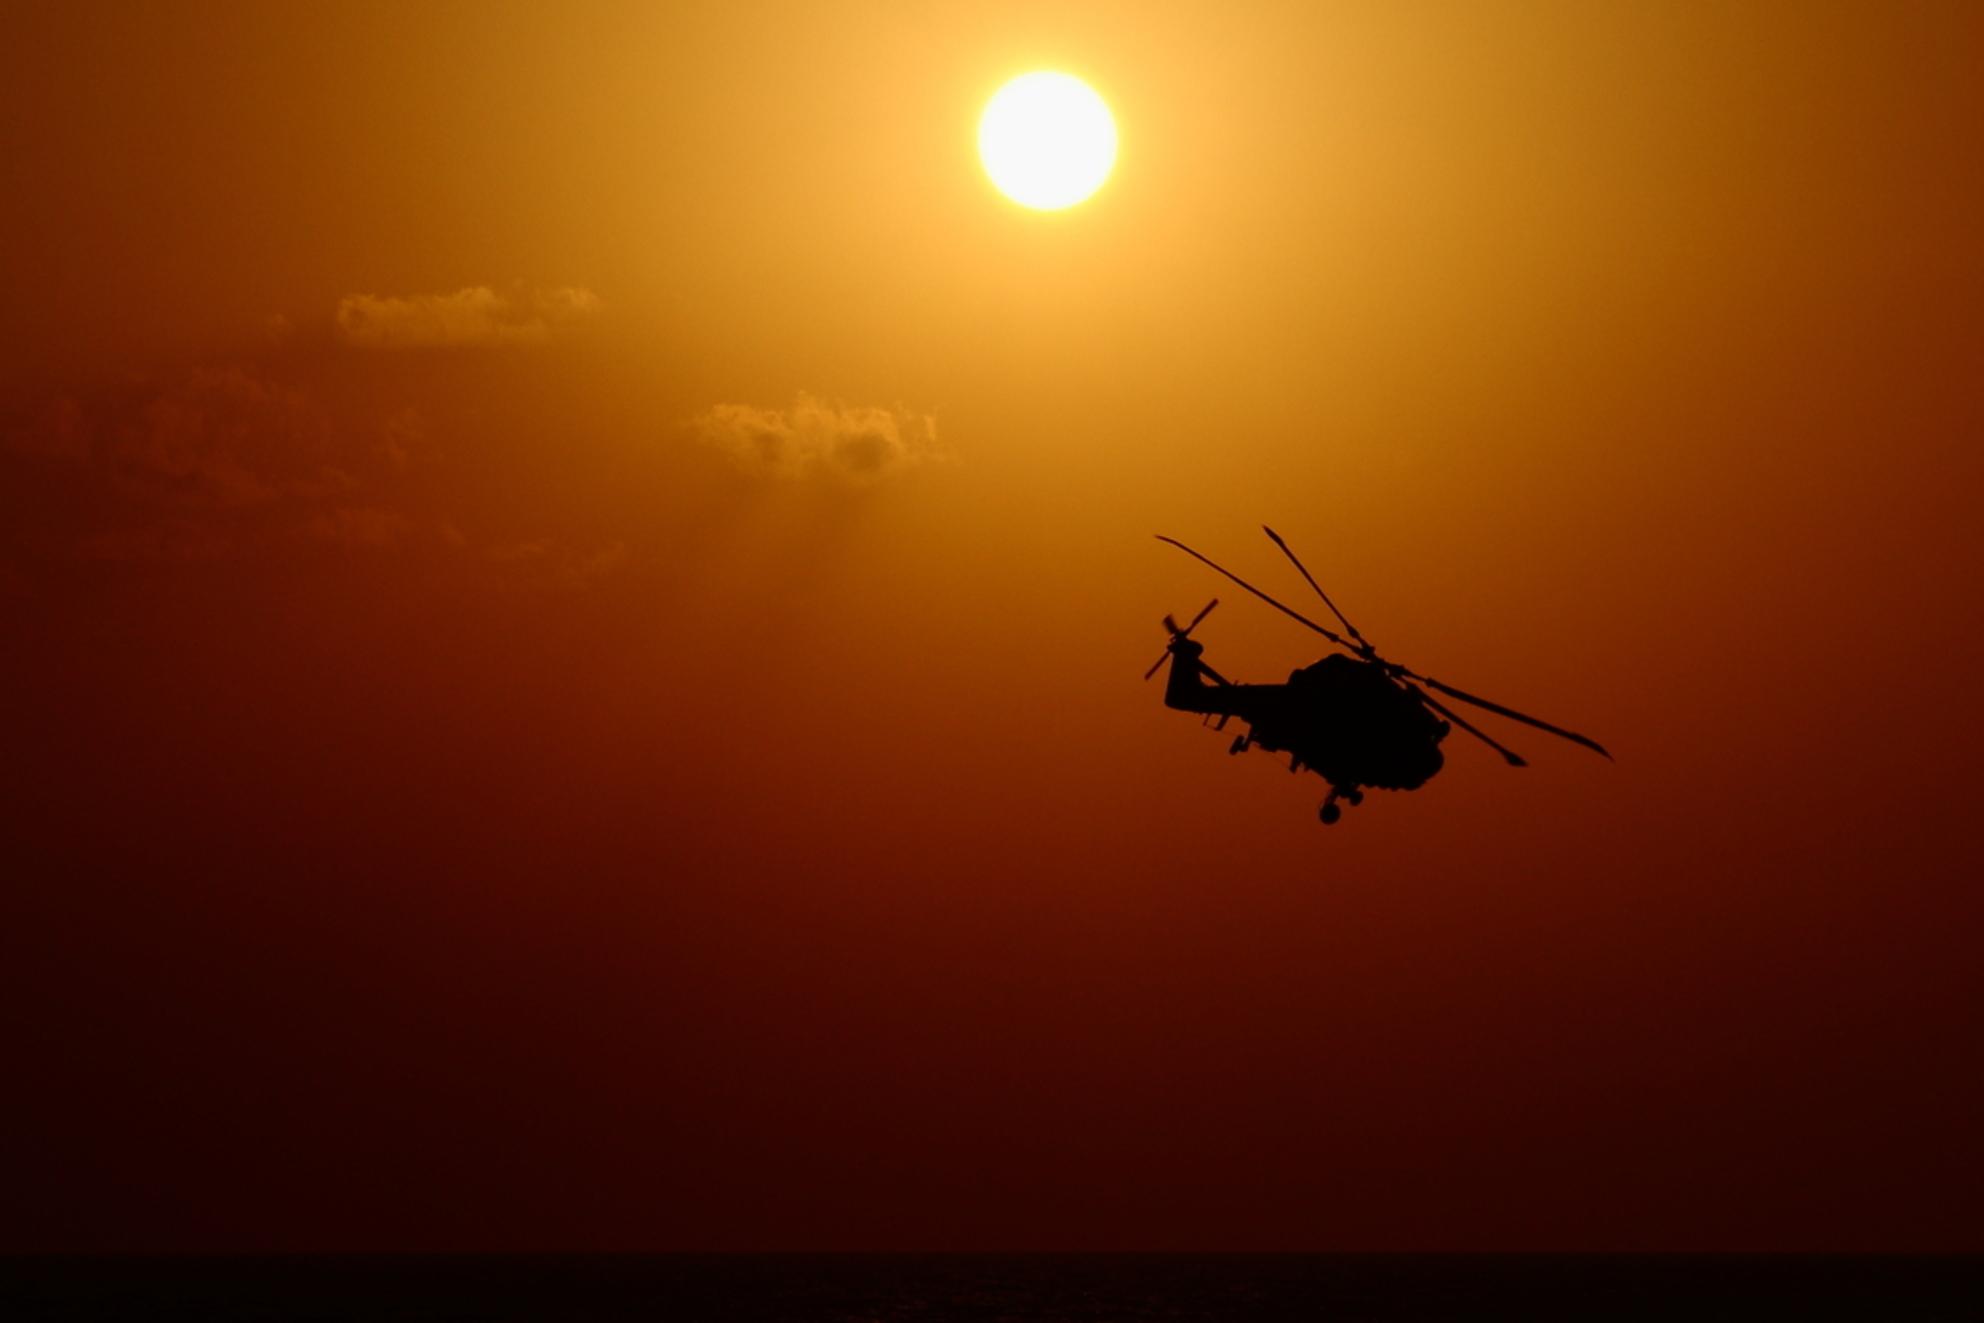 LYNX at sunset - Westland LYNX tijdens zonsondergang - foto door aldowestmaas op 04-04-2012 - deze foto bevat: zonsondergang, helicopter, marine, lynx - Deze foto mag gebruikt worden in een Zoom.nl publicatie